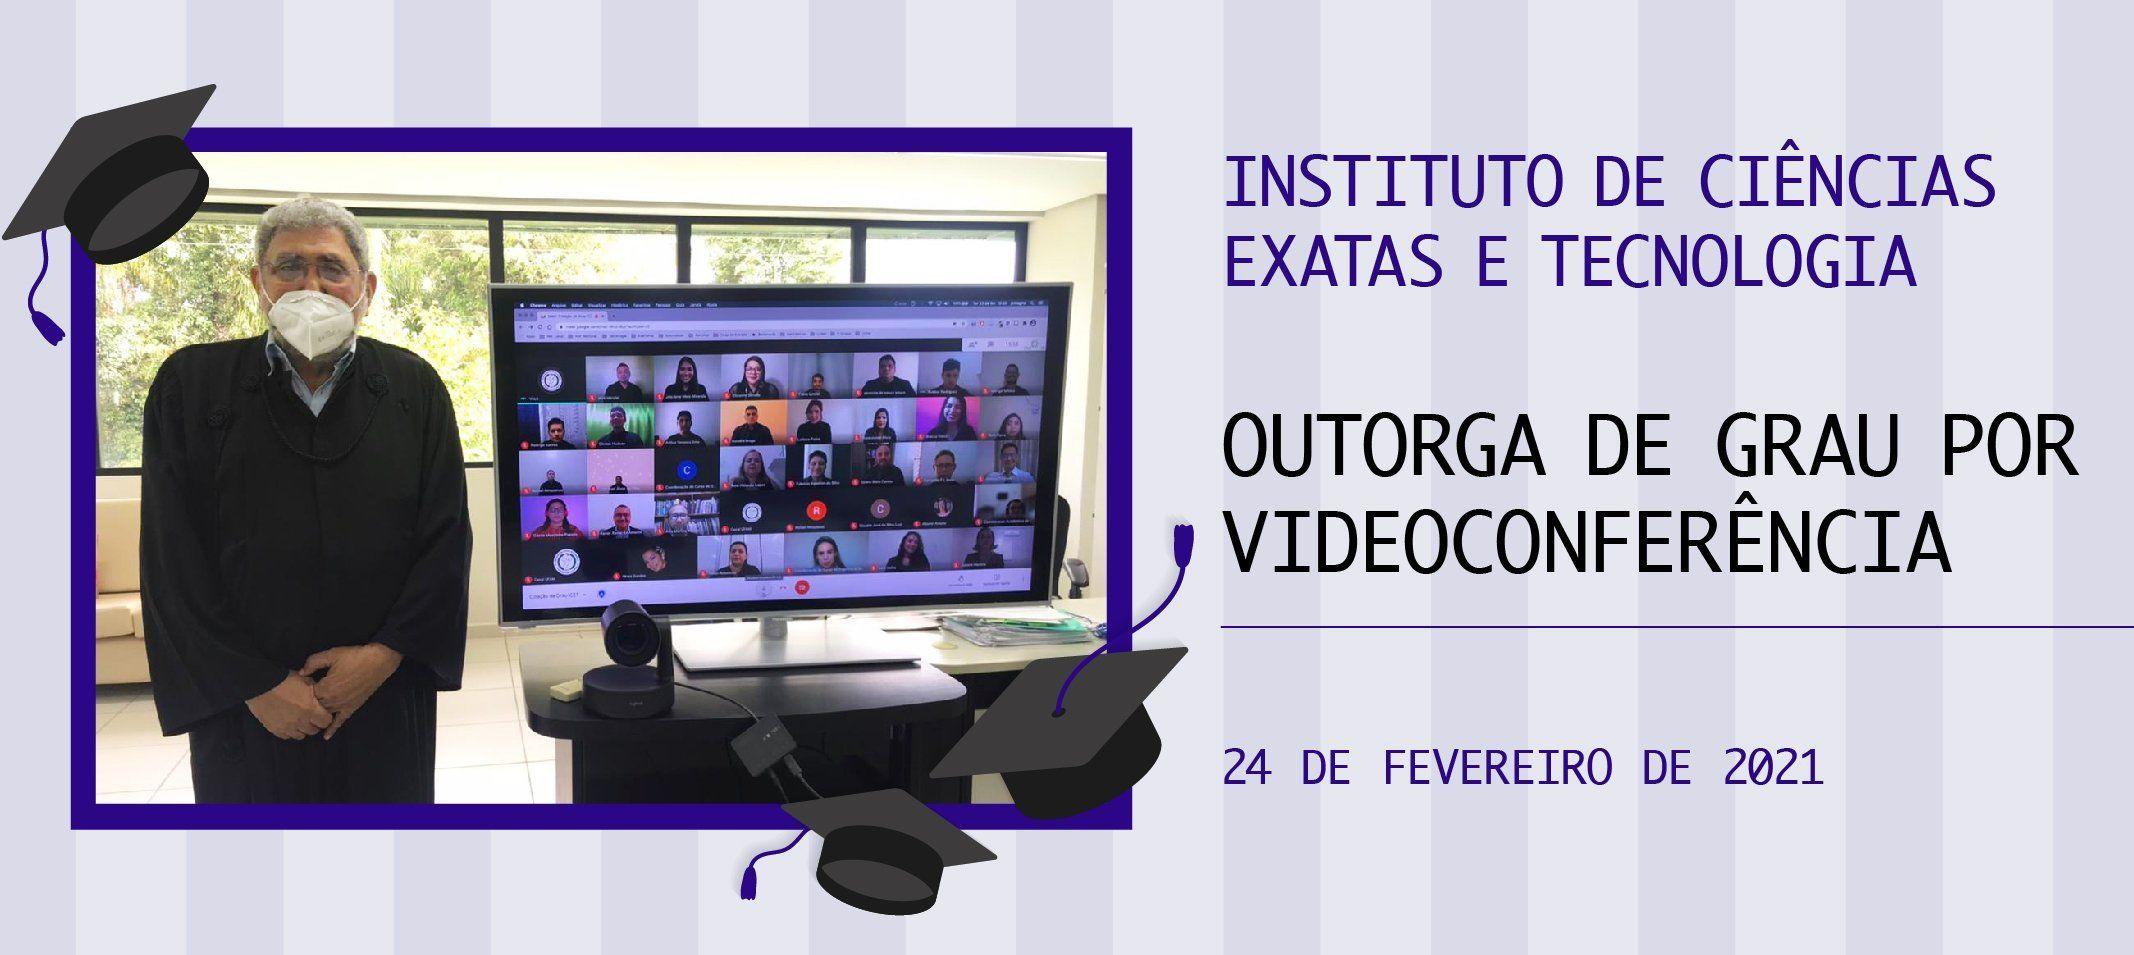 Ufam outorga grau a 20 novos profissionais do ICET por videoconferência